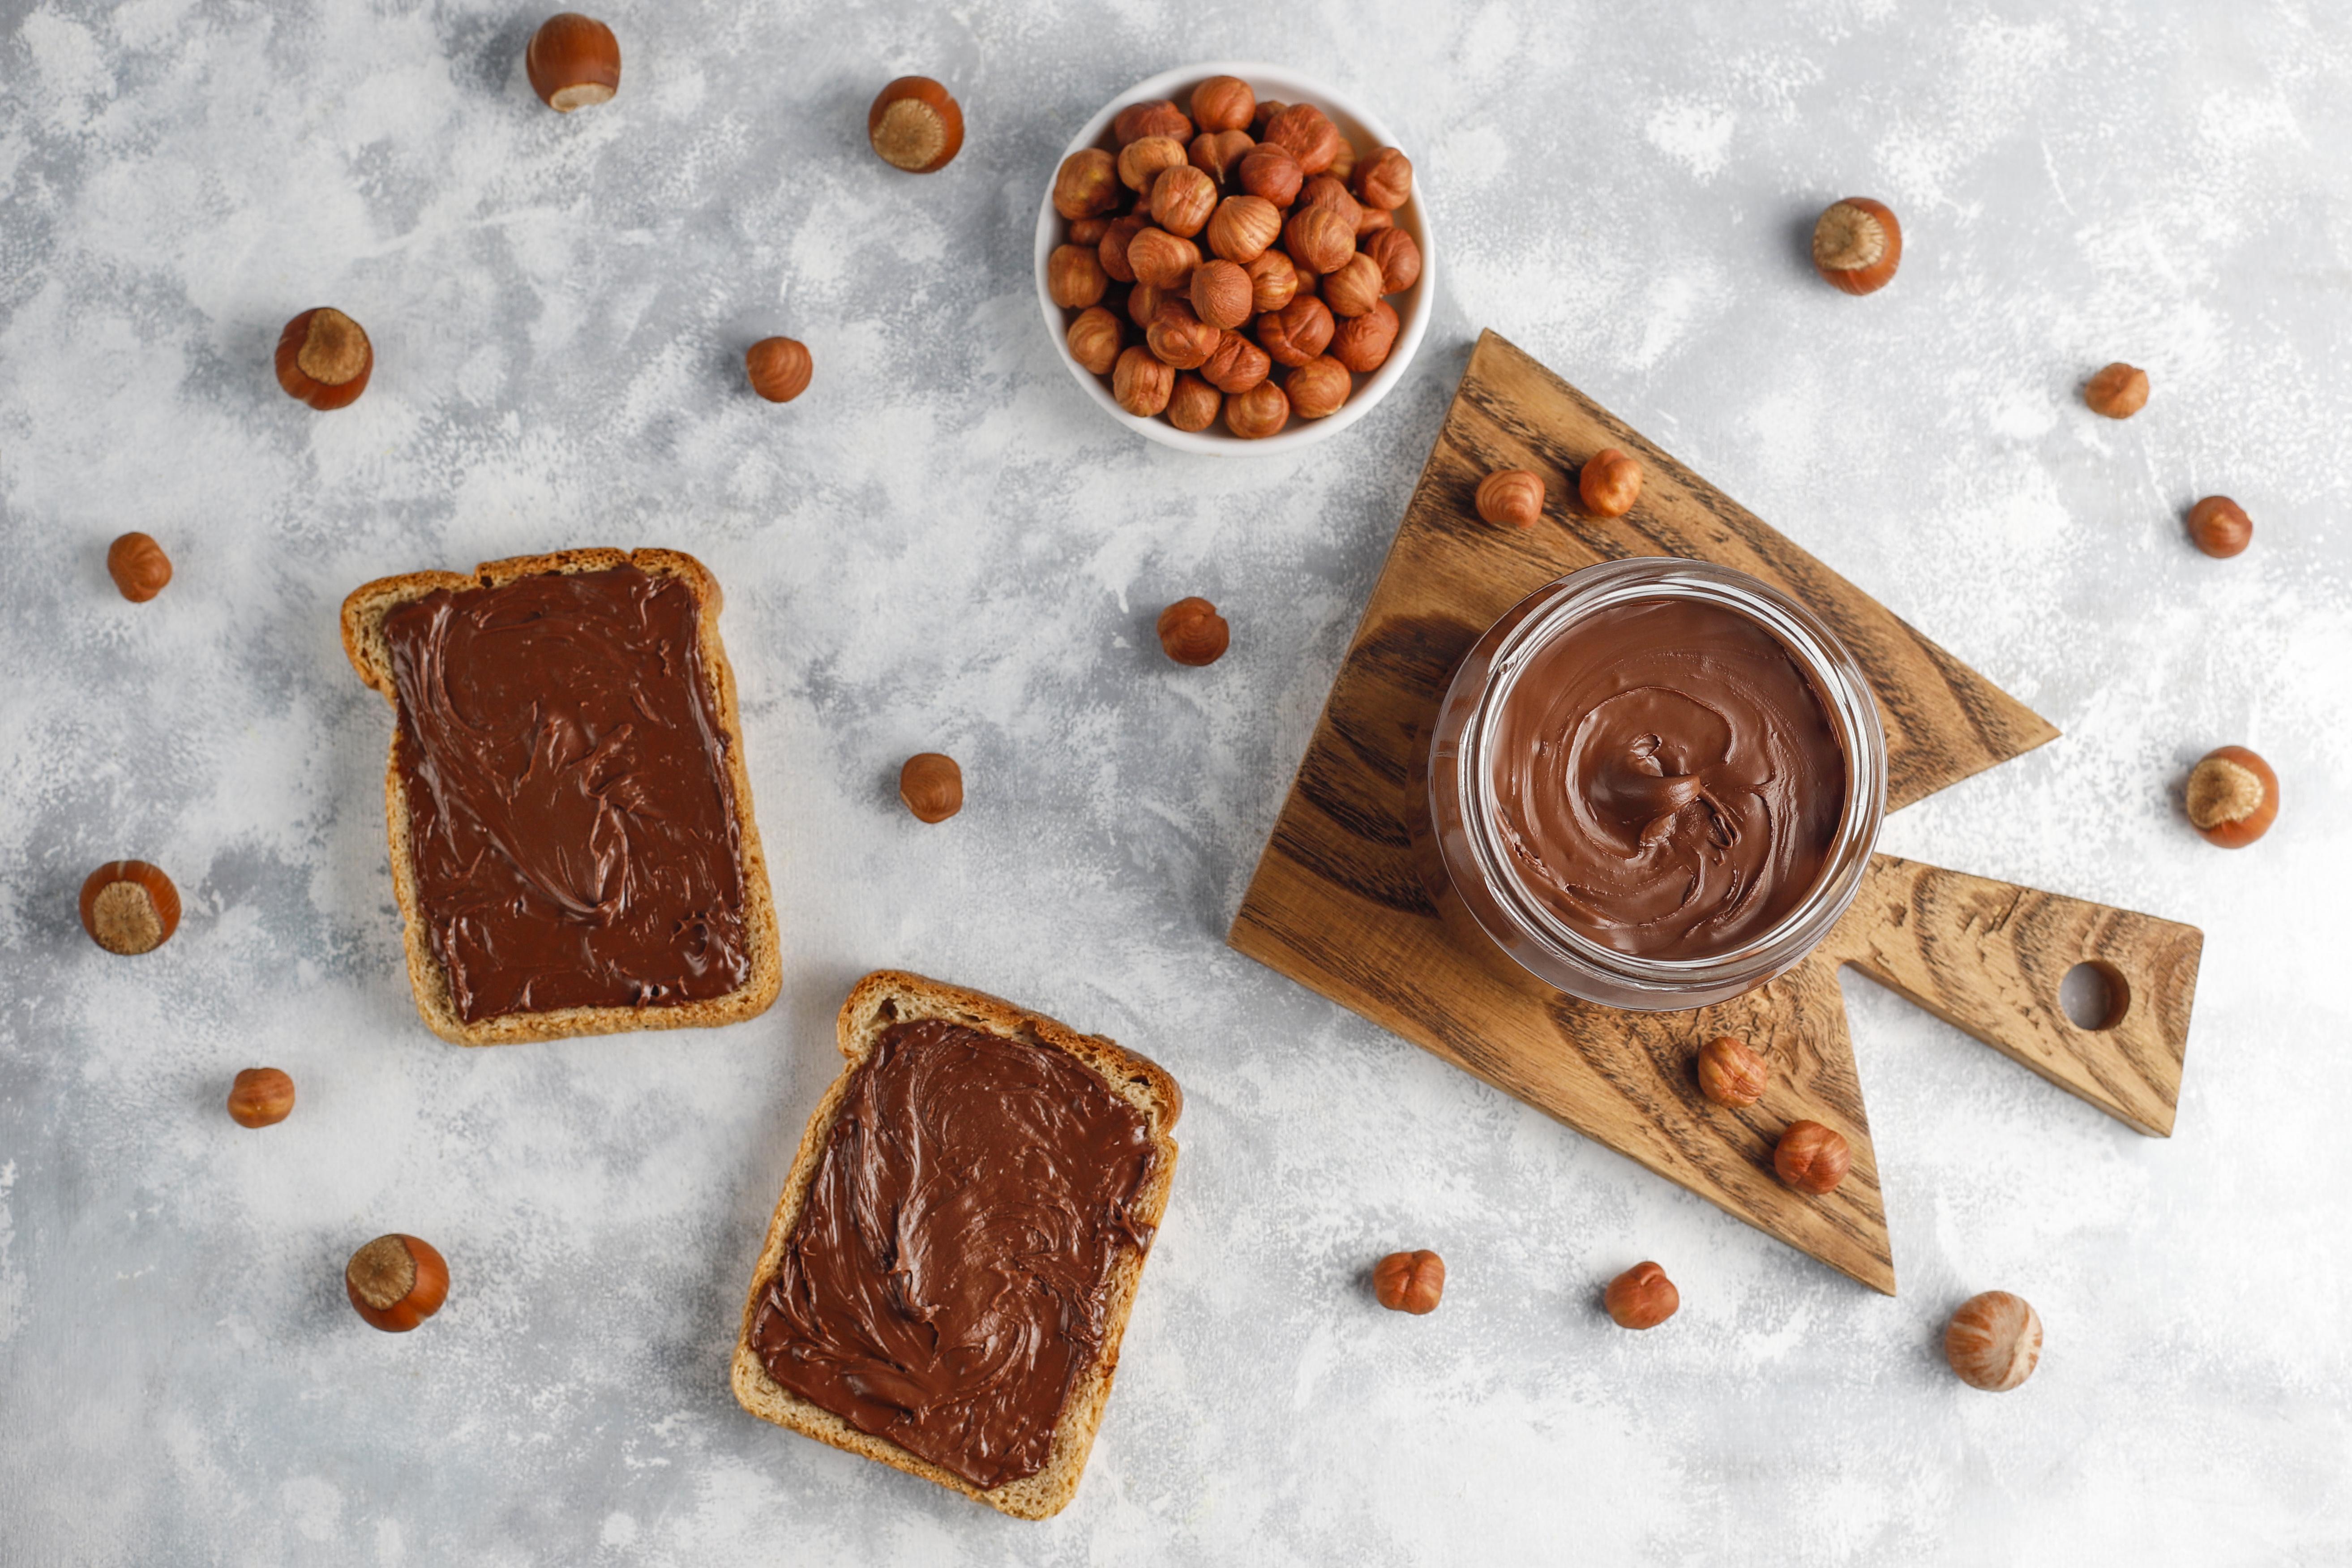 Chocolate Malted Milk Powder Nut Butter Spread